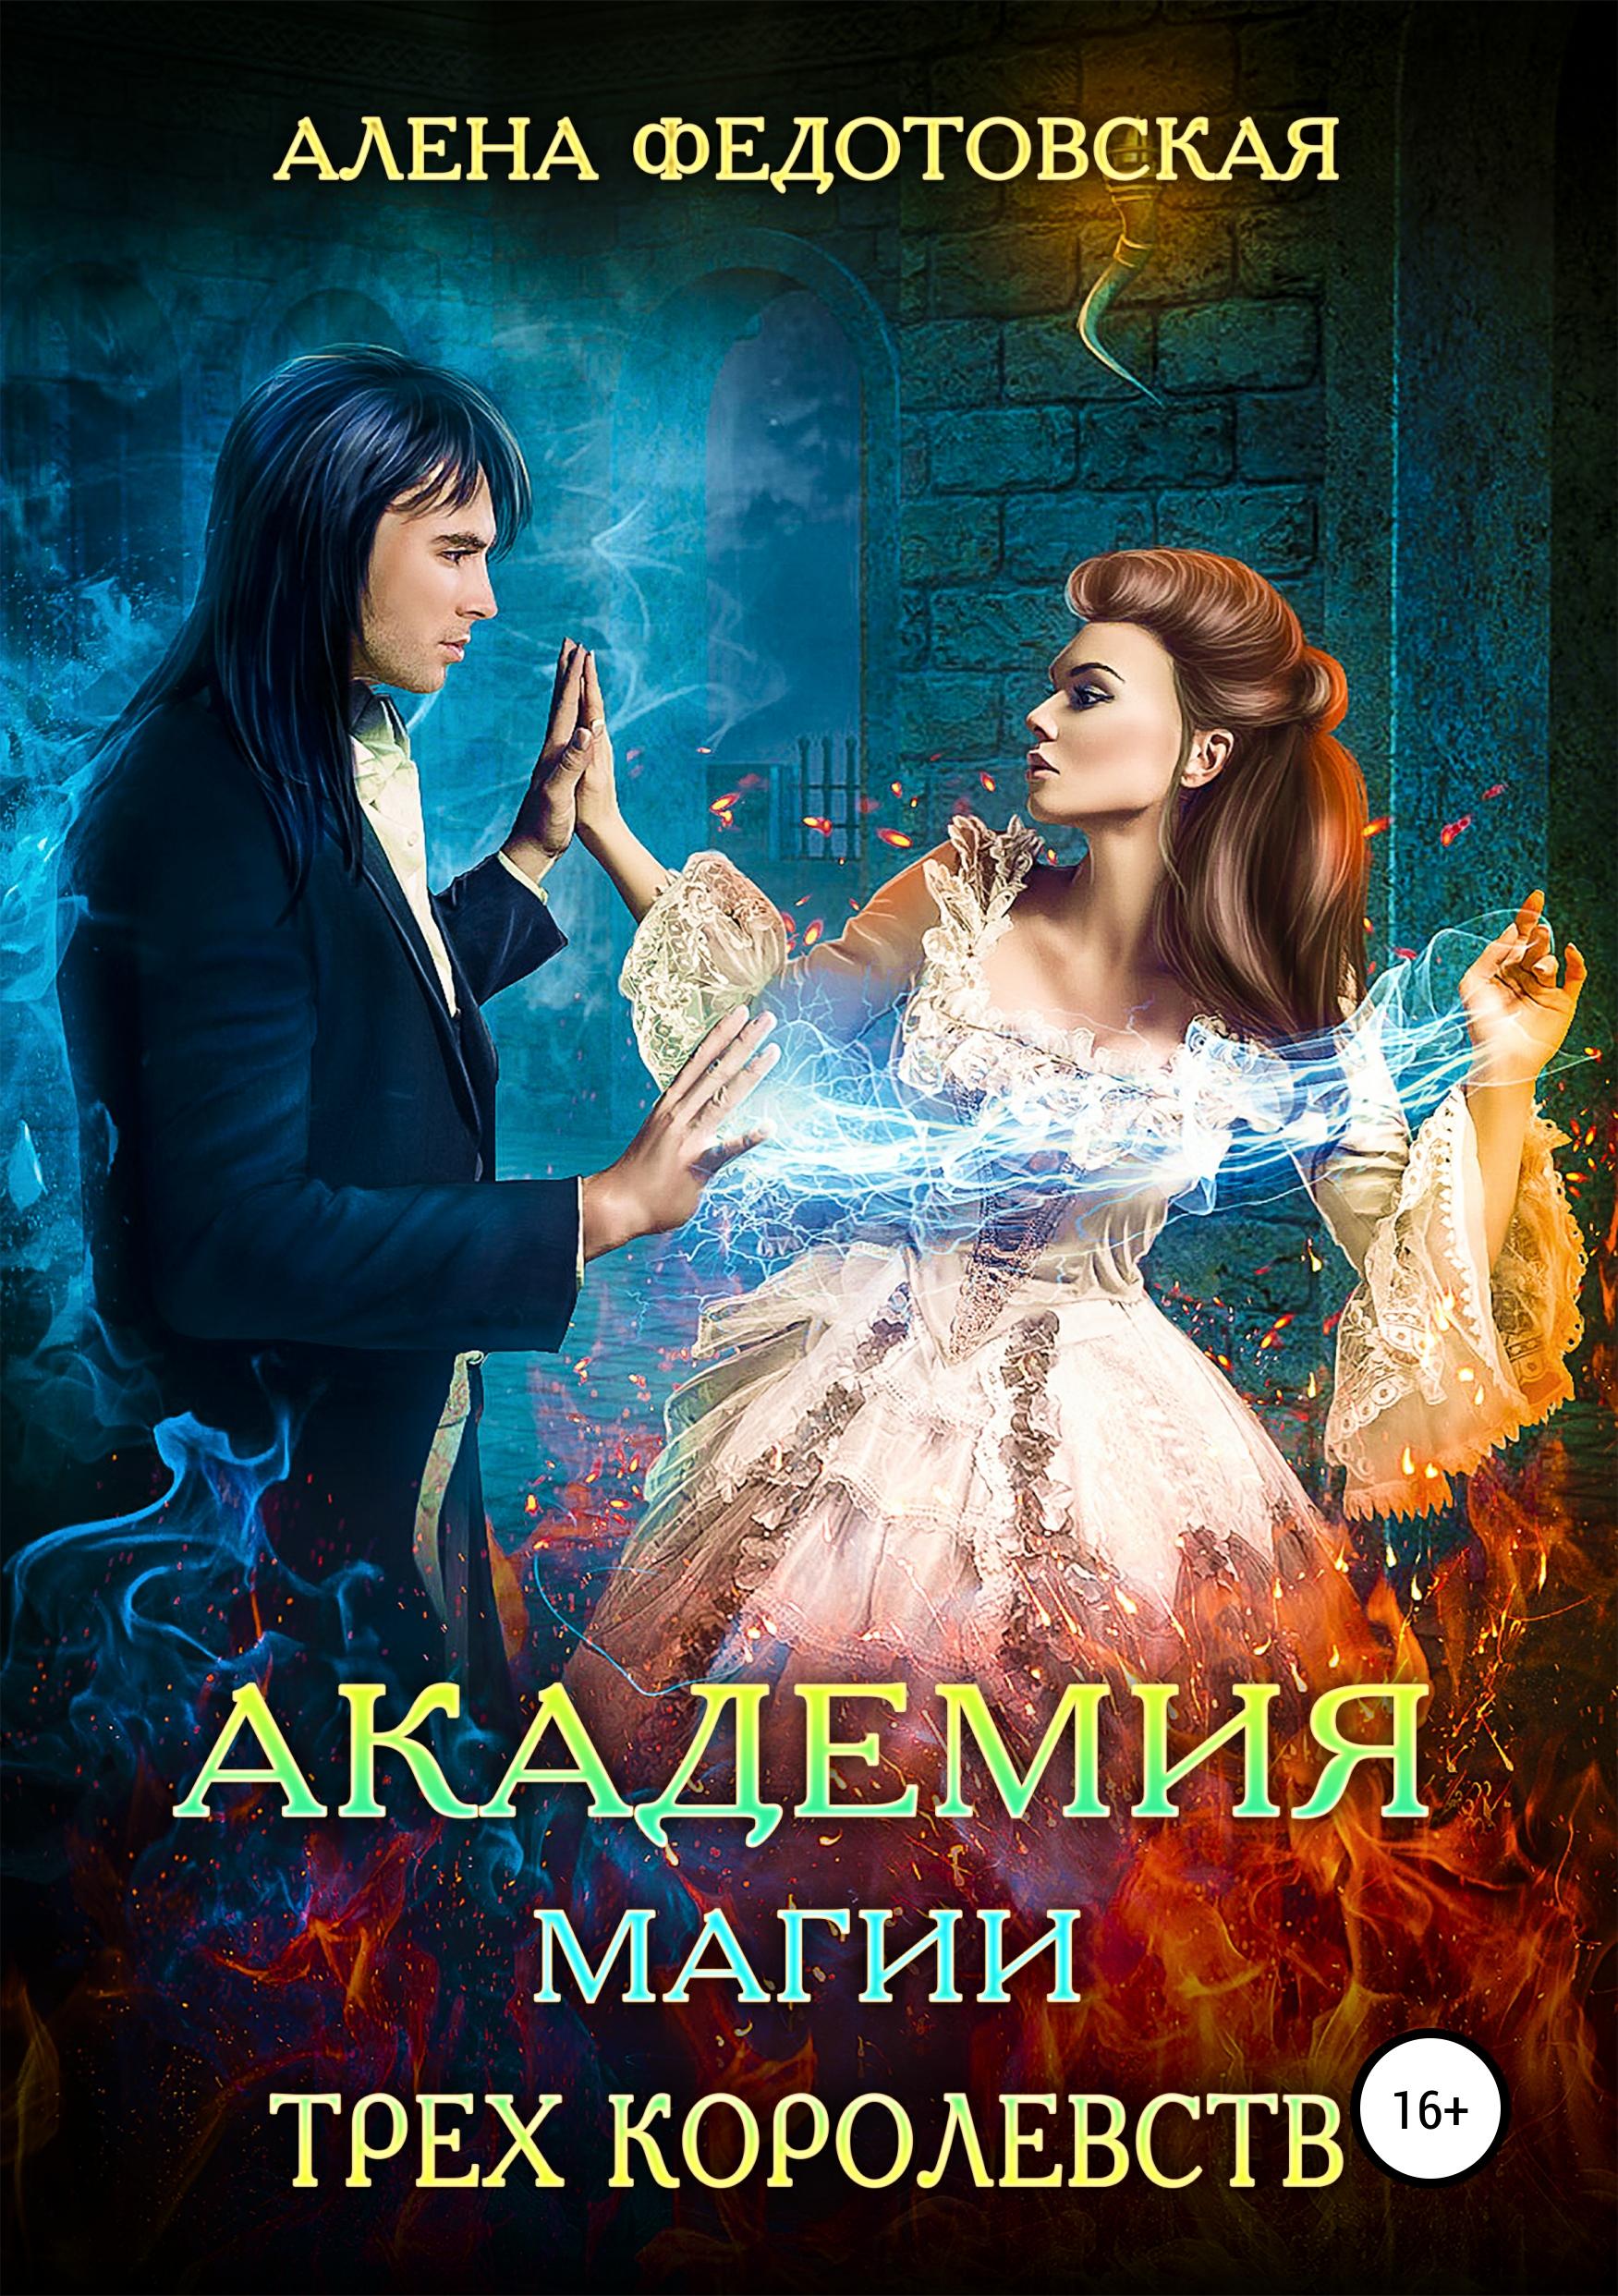 Алена Федотовская Академия магии Трех Королевств светлана желейкина академия обладателей дара выбор комиссии